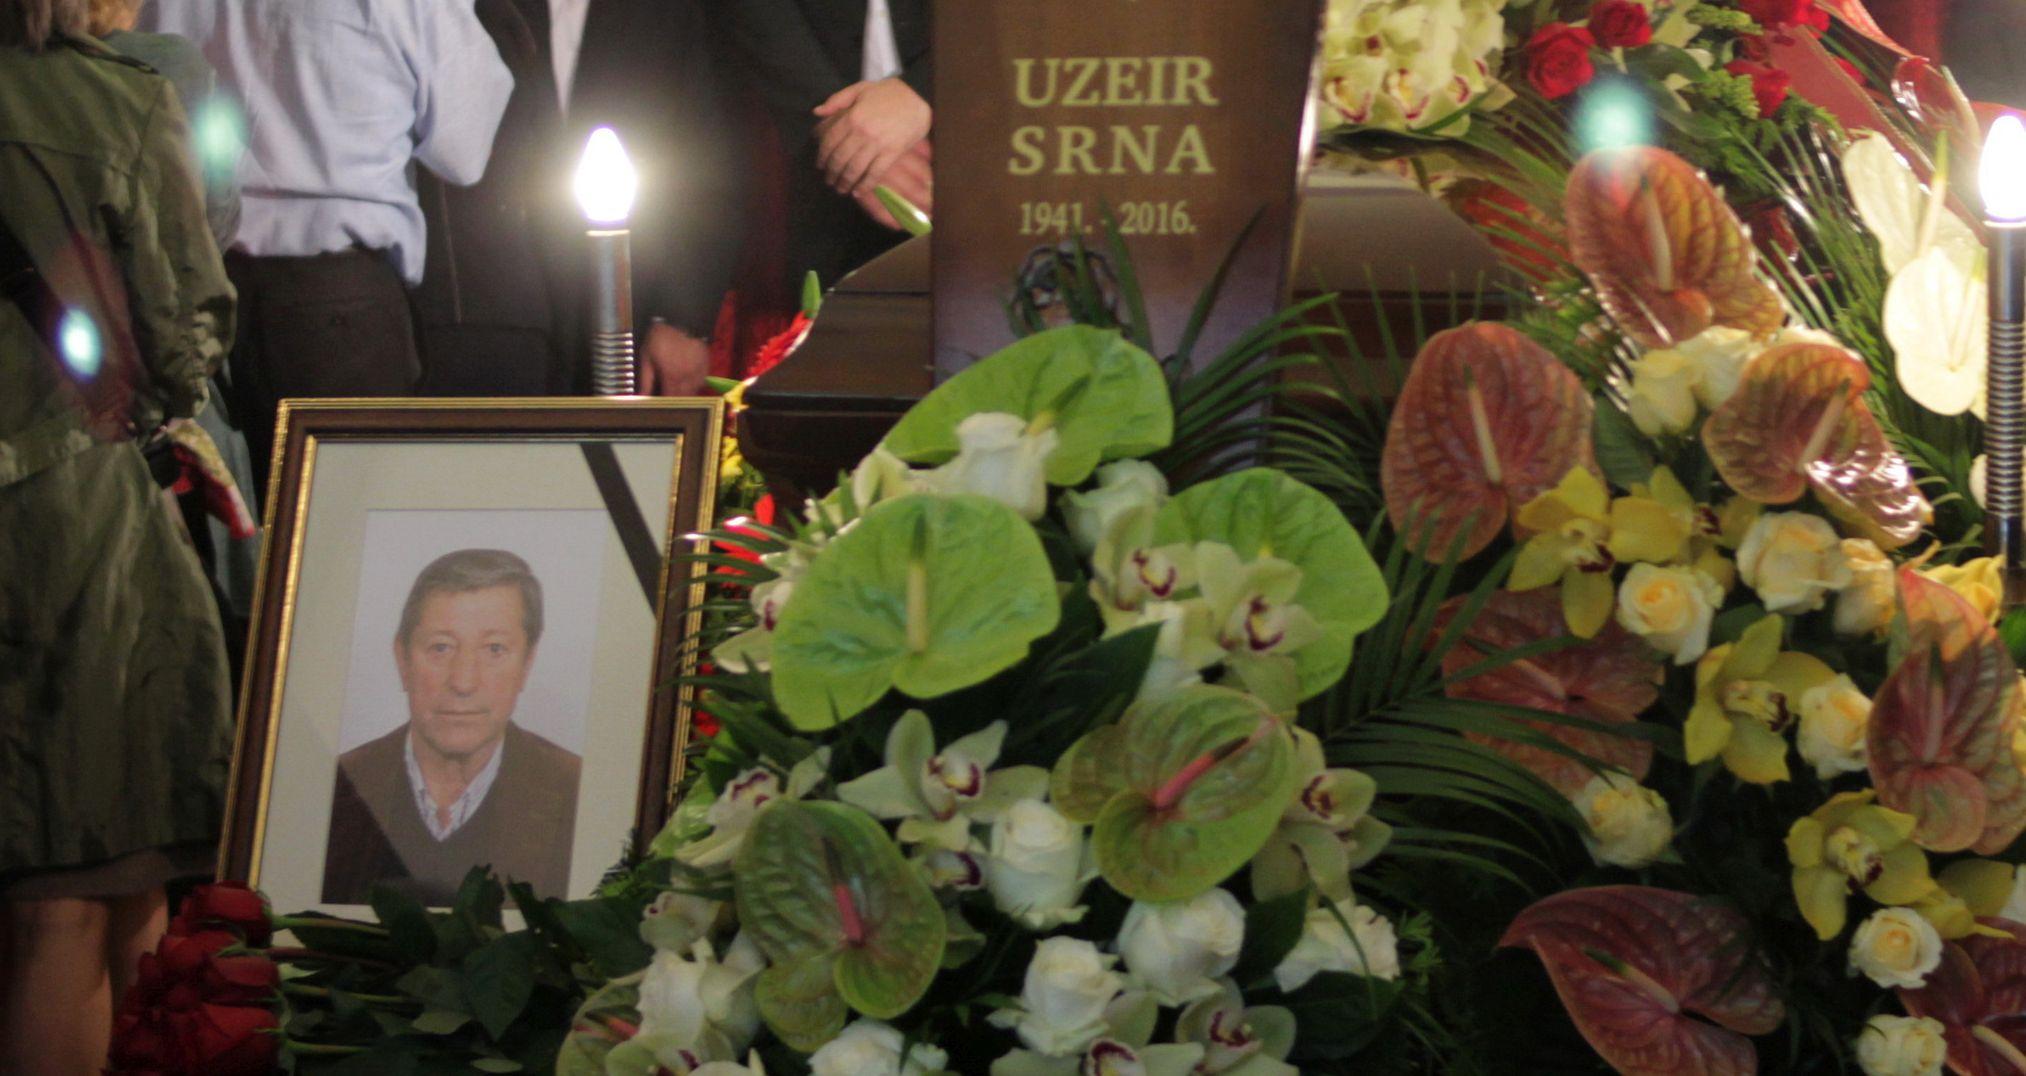 Uzeir Srna